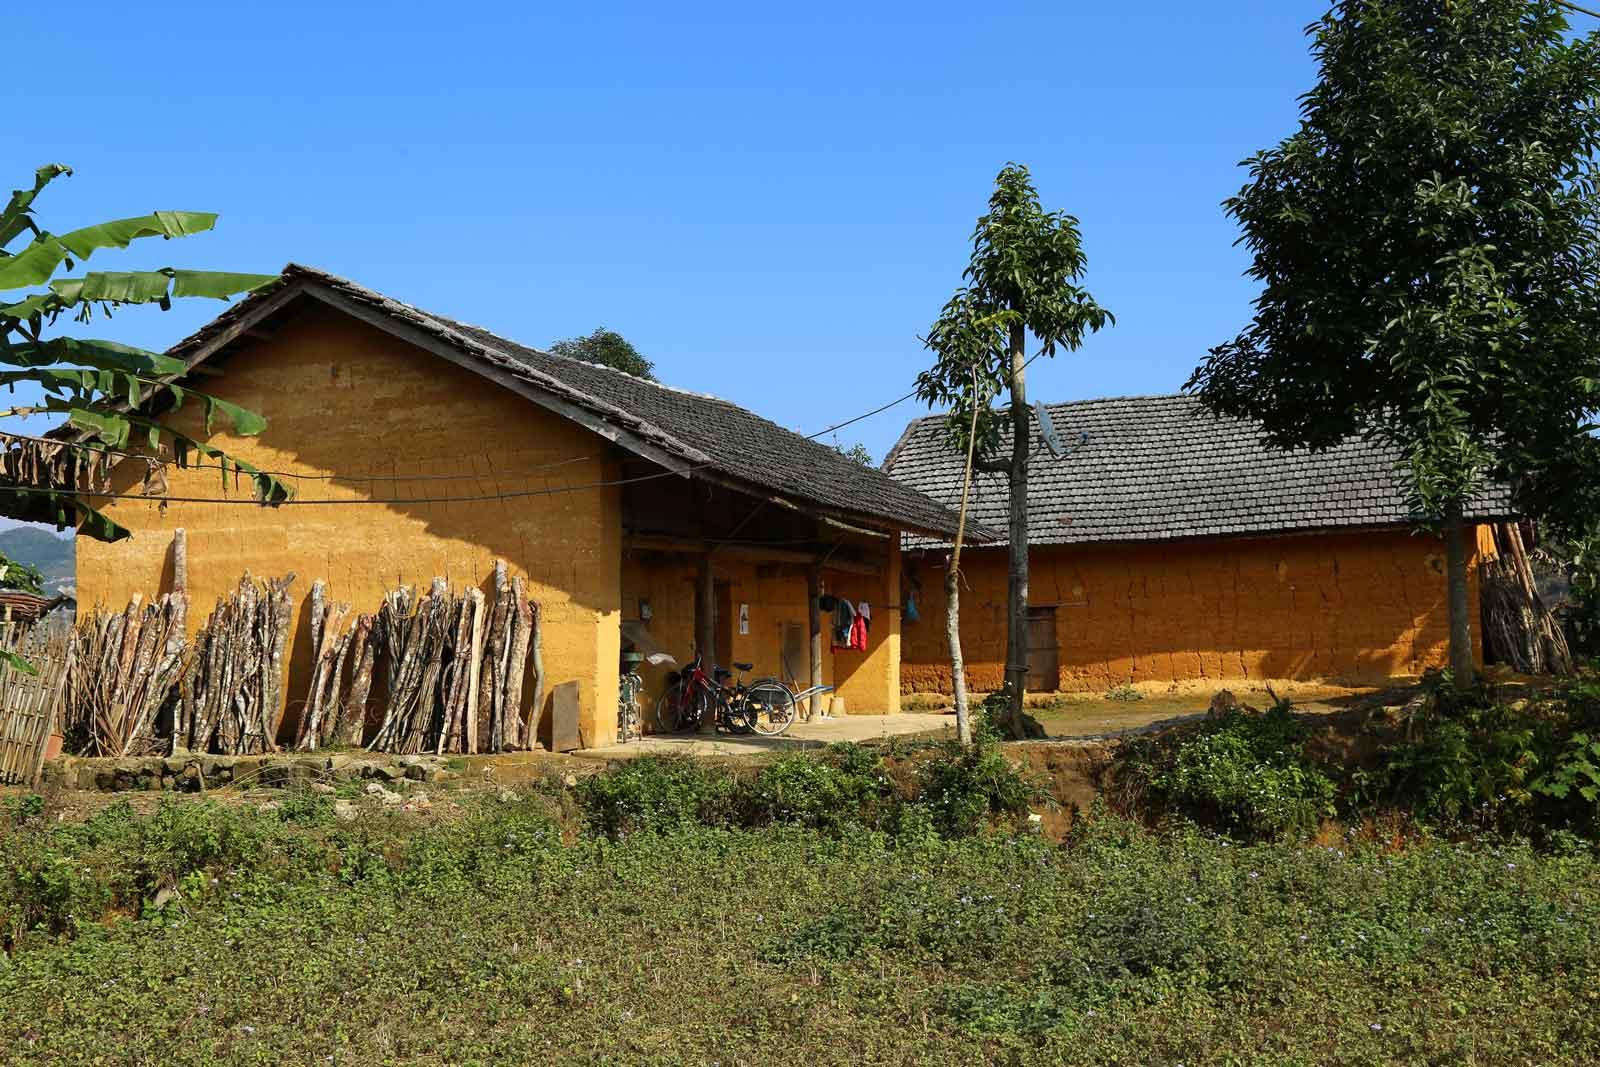 Une maison typique du village